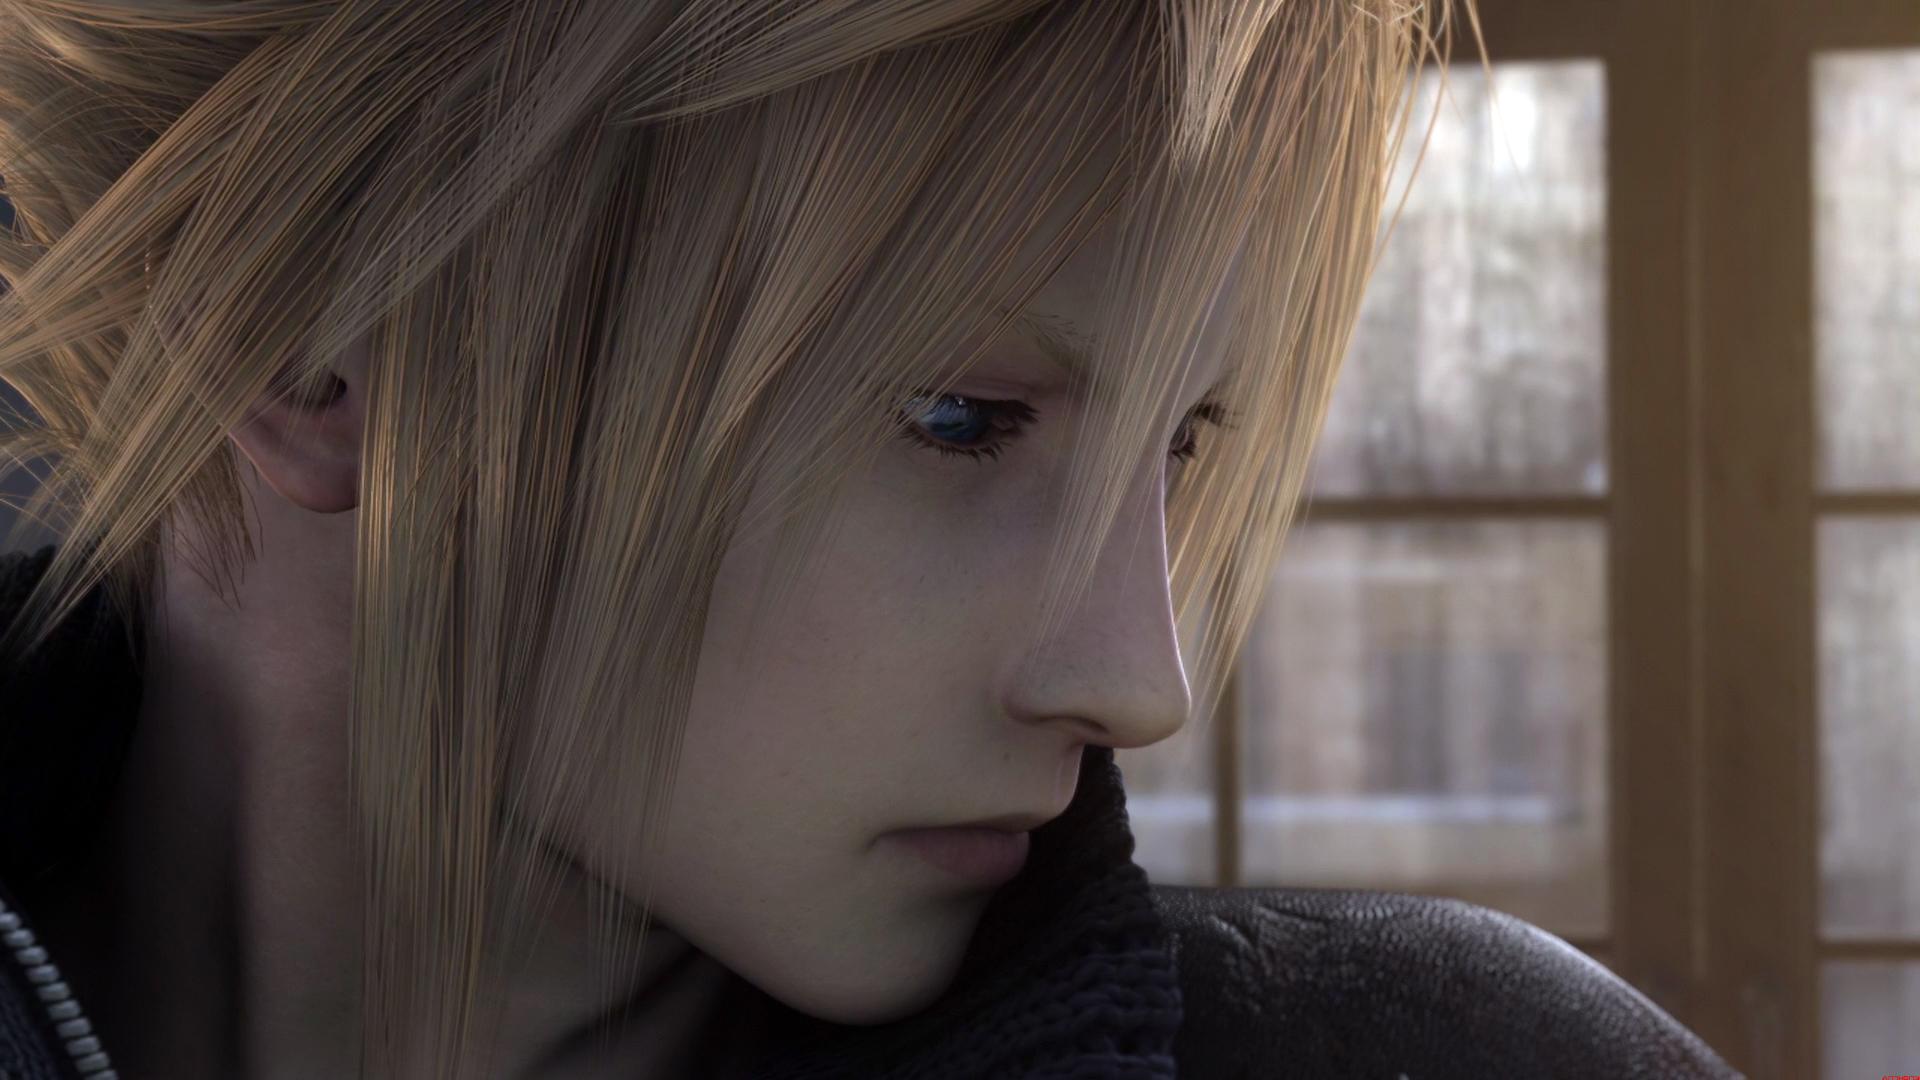 [Clos] Une petite commande d'un portrait pour un beau blond Cloud-707-final-fantasy-jeux-video